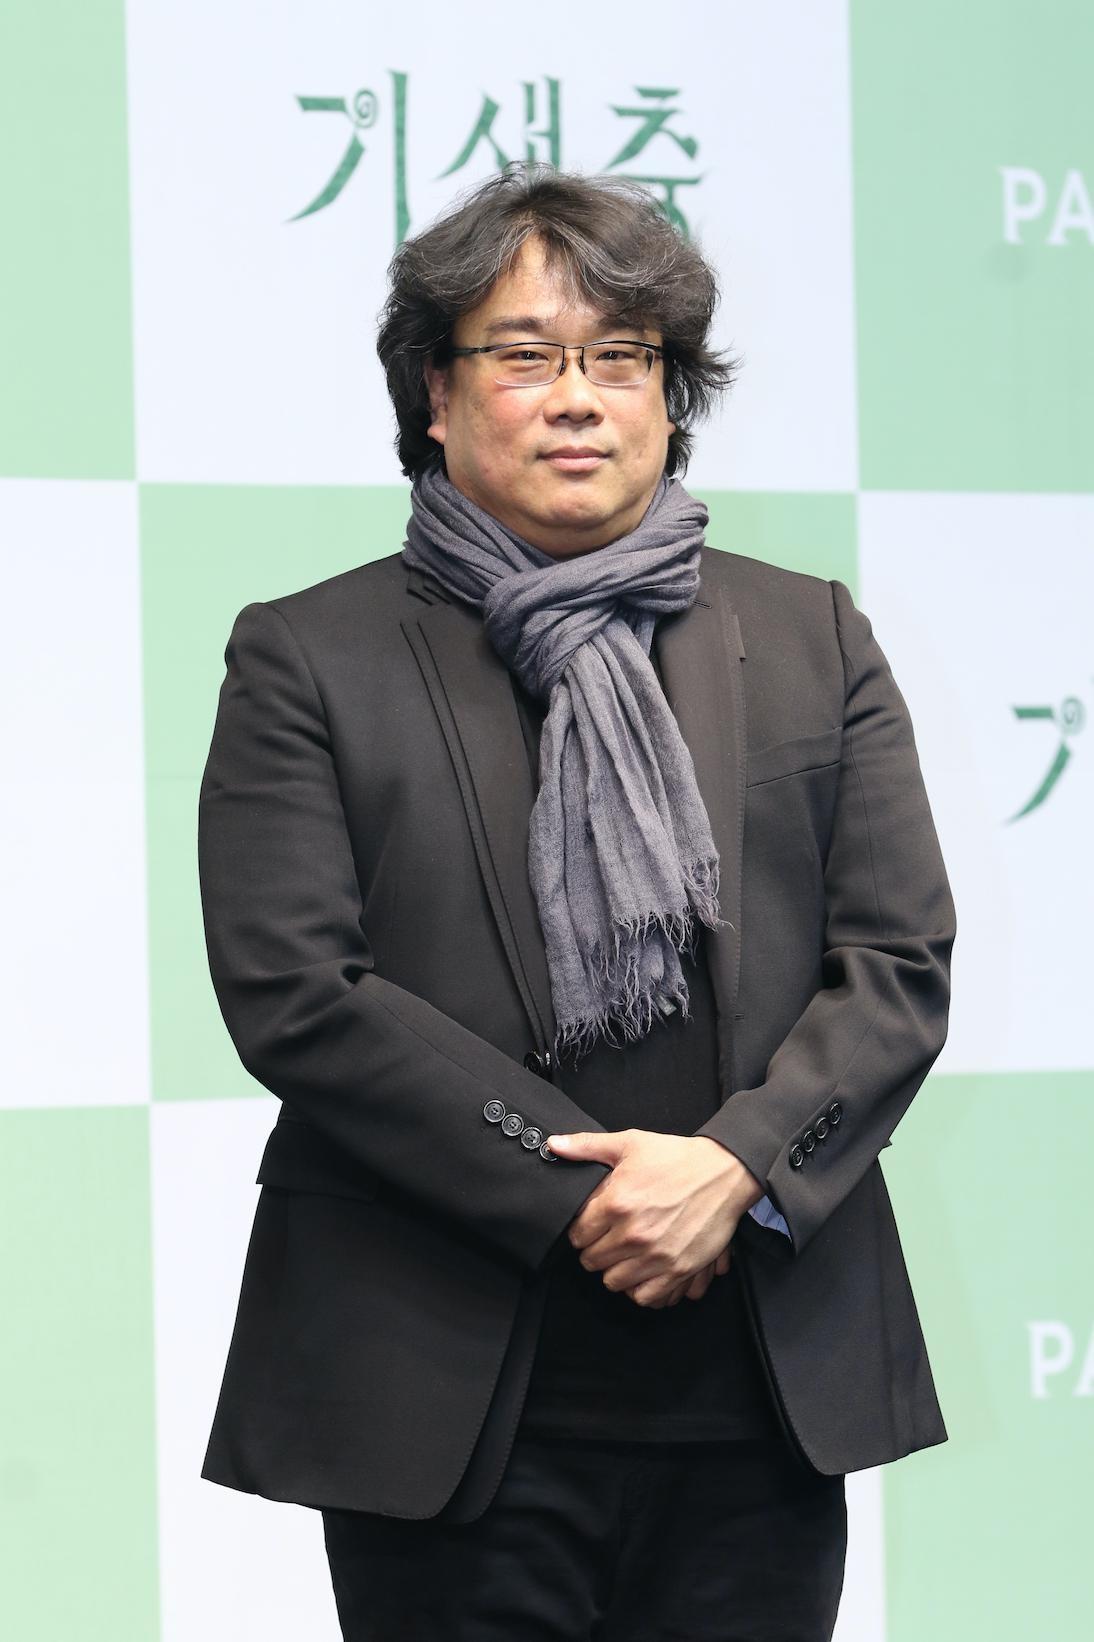 【写真を見る】『パラサイト』でアカデミー賞受賞のポン・ジュノ監督が手掛け、記録的な大ヒットに!